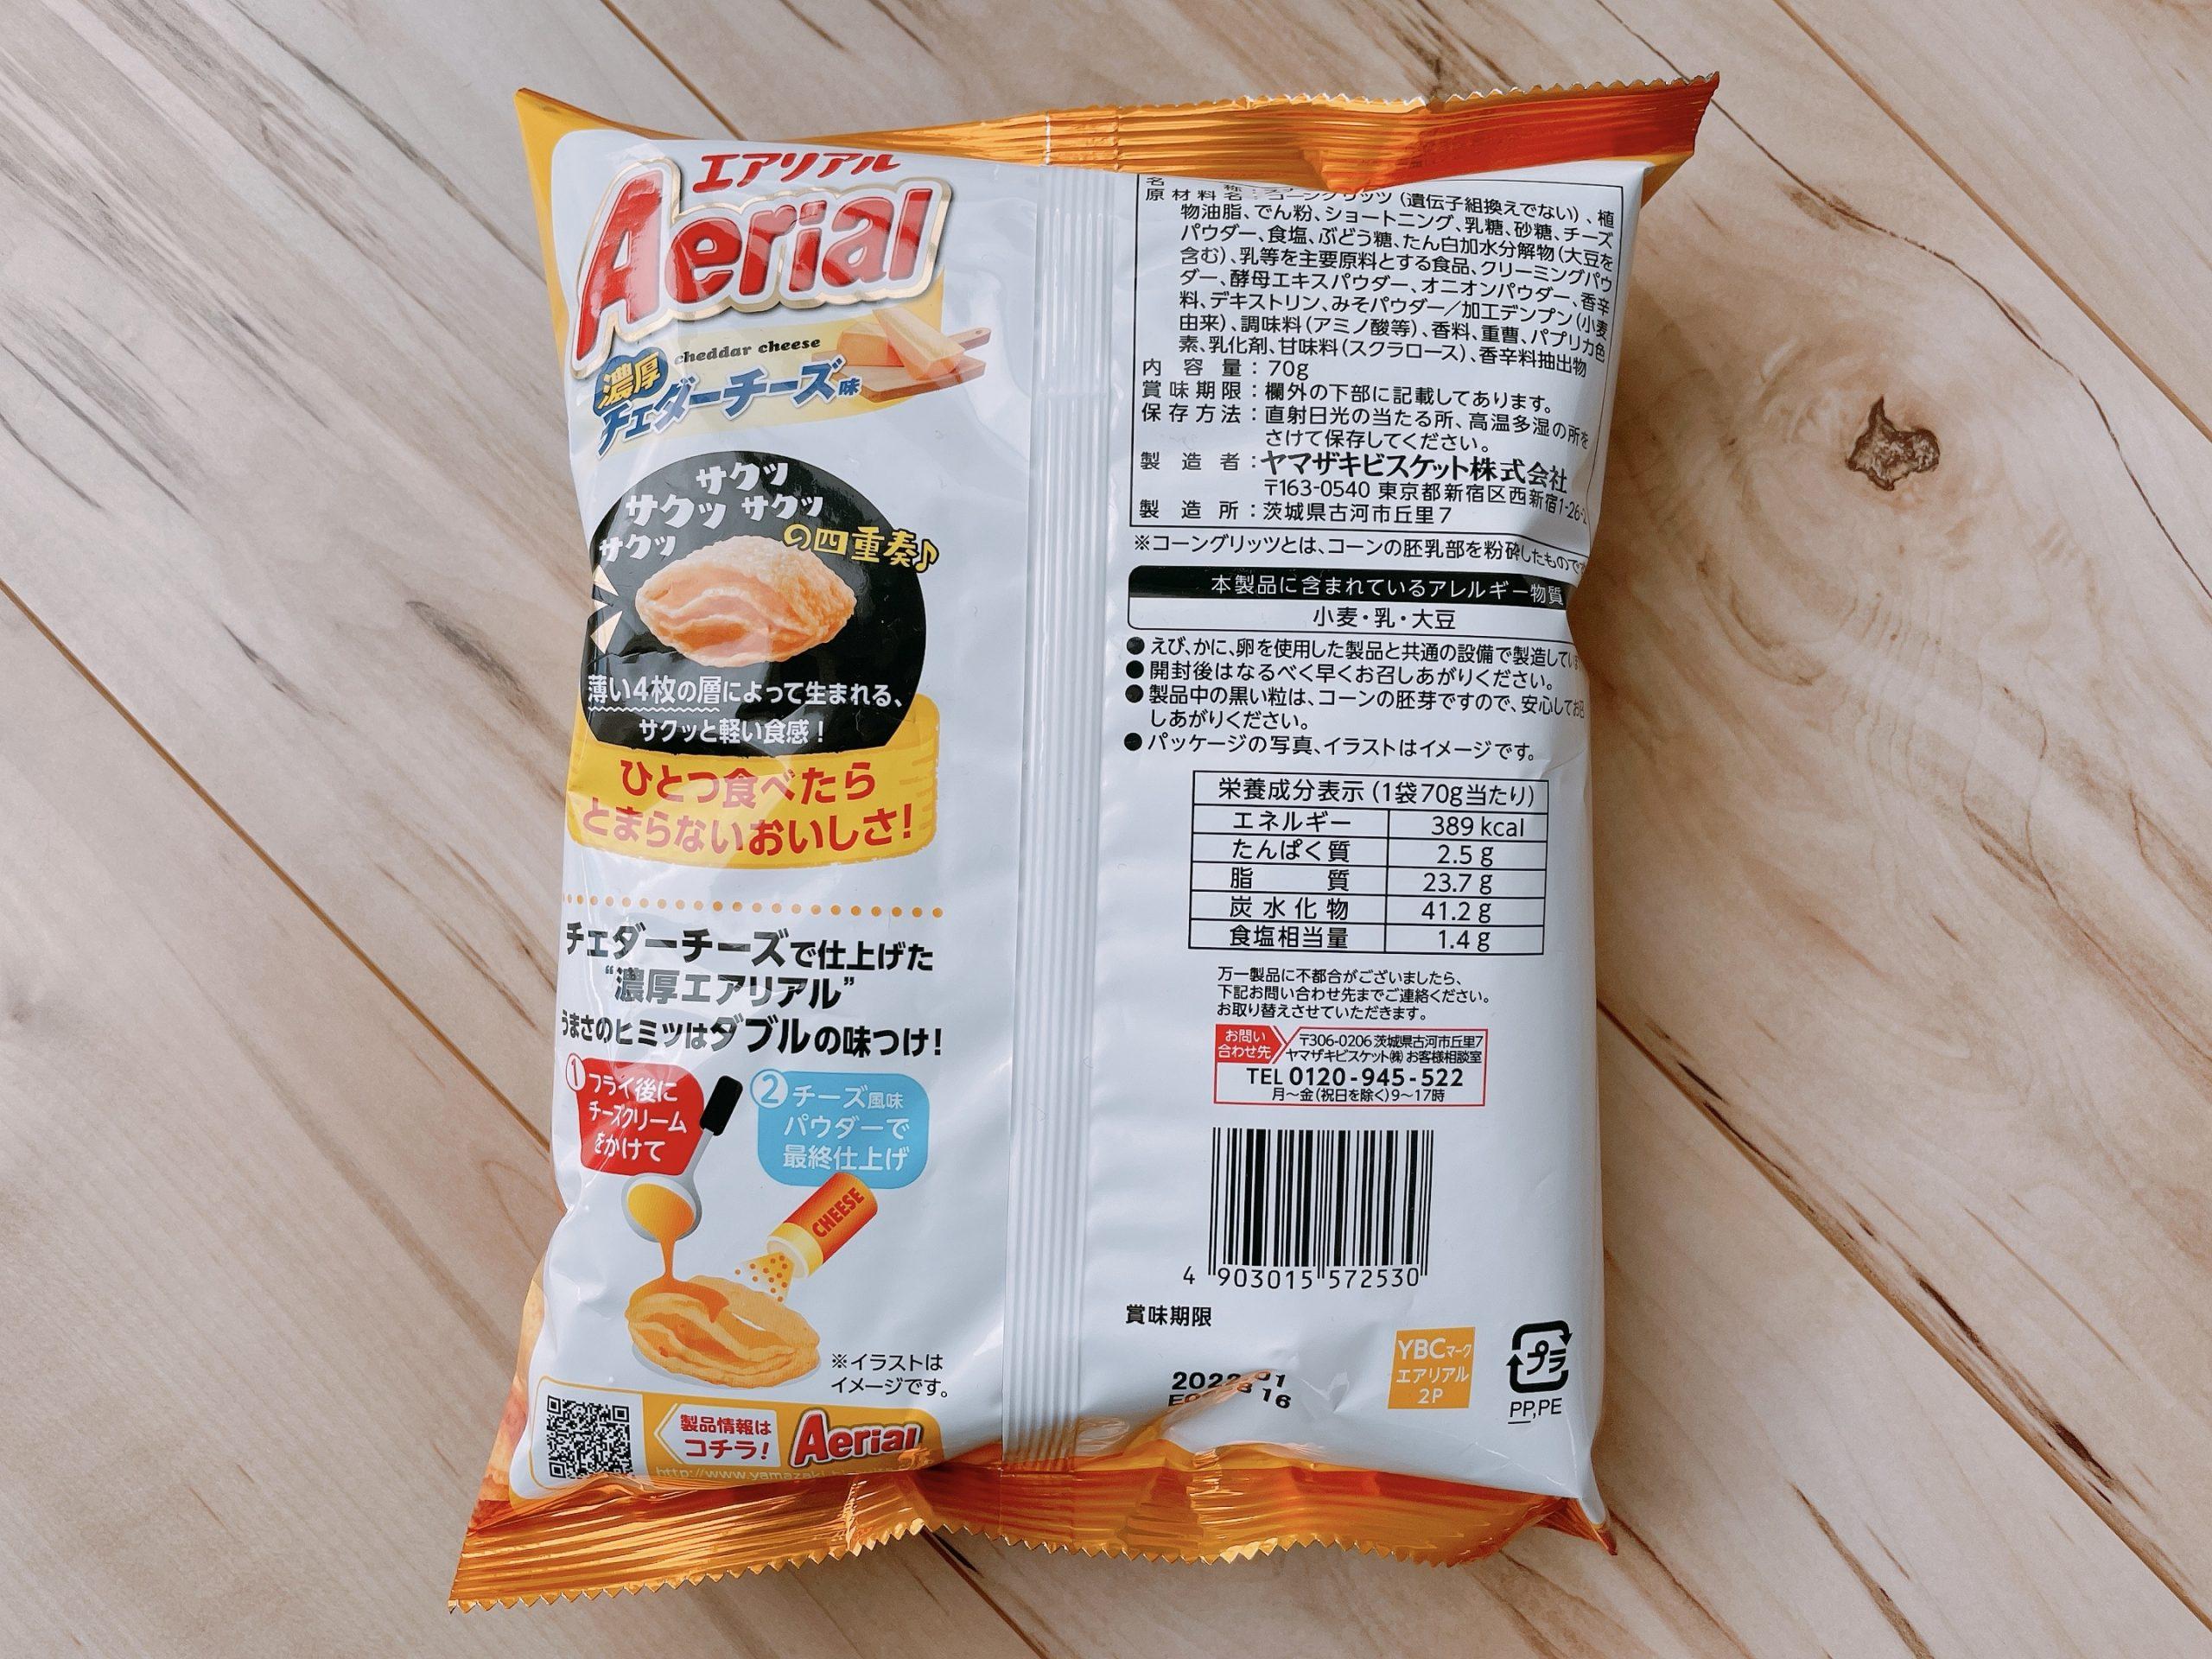 エアリアル濃厚チェダーチーズ味の原材料やカロリーなど